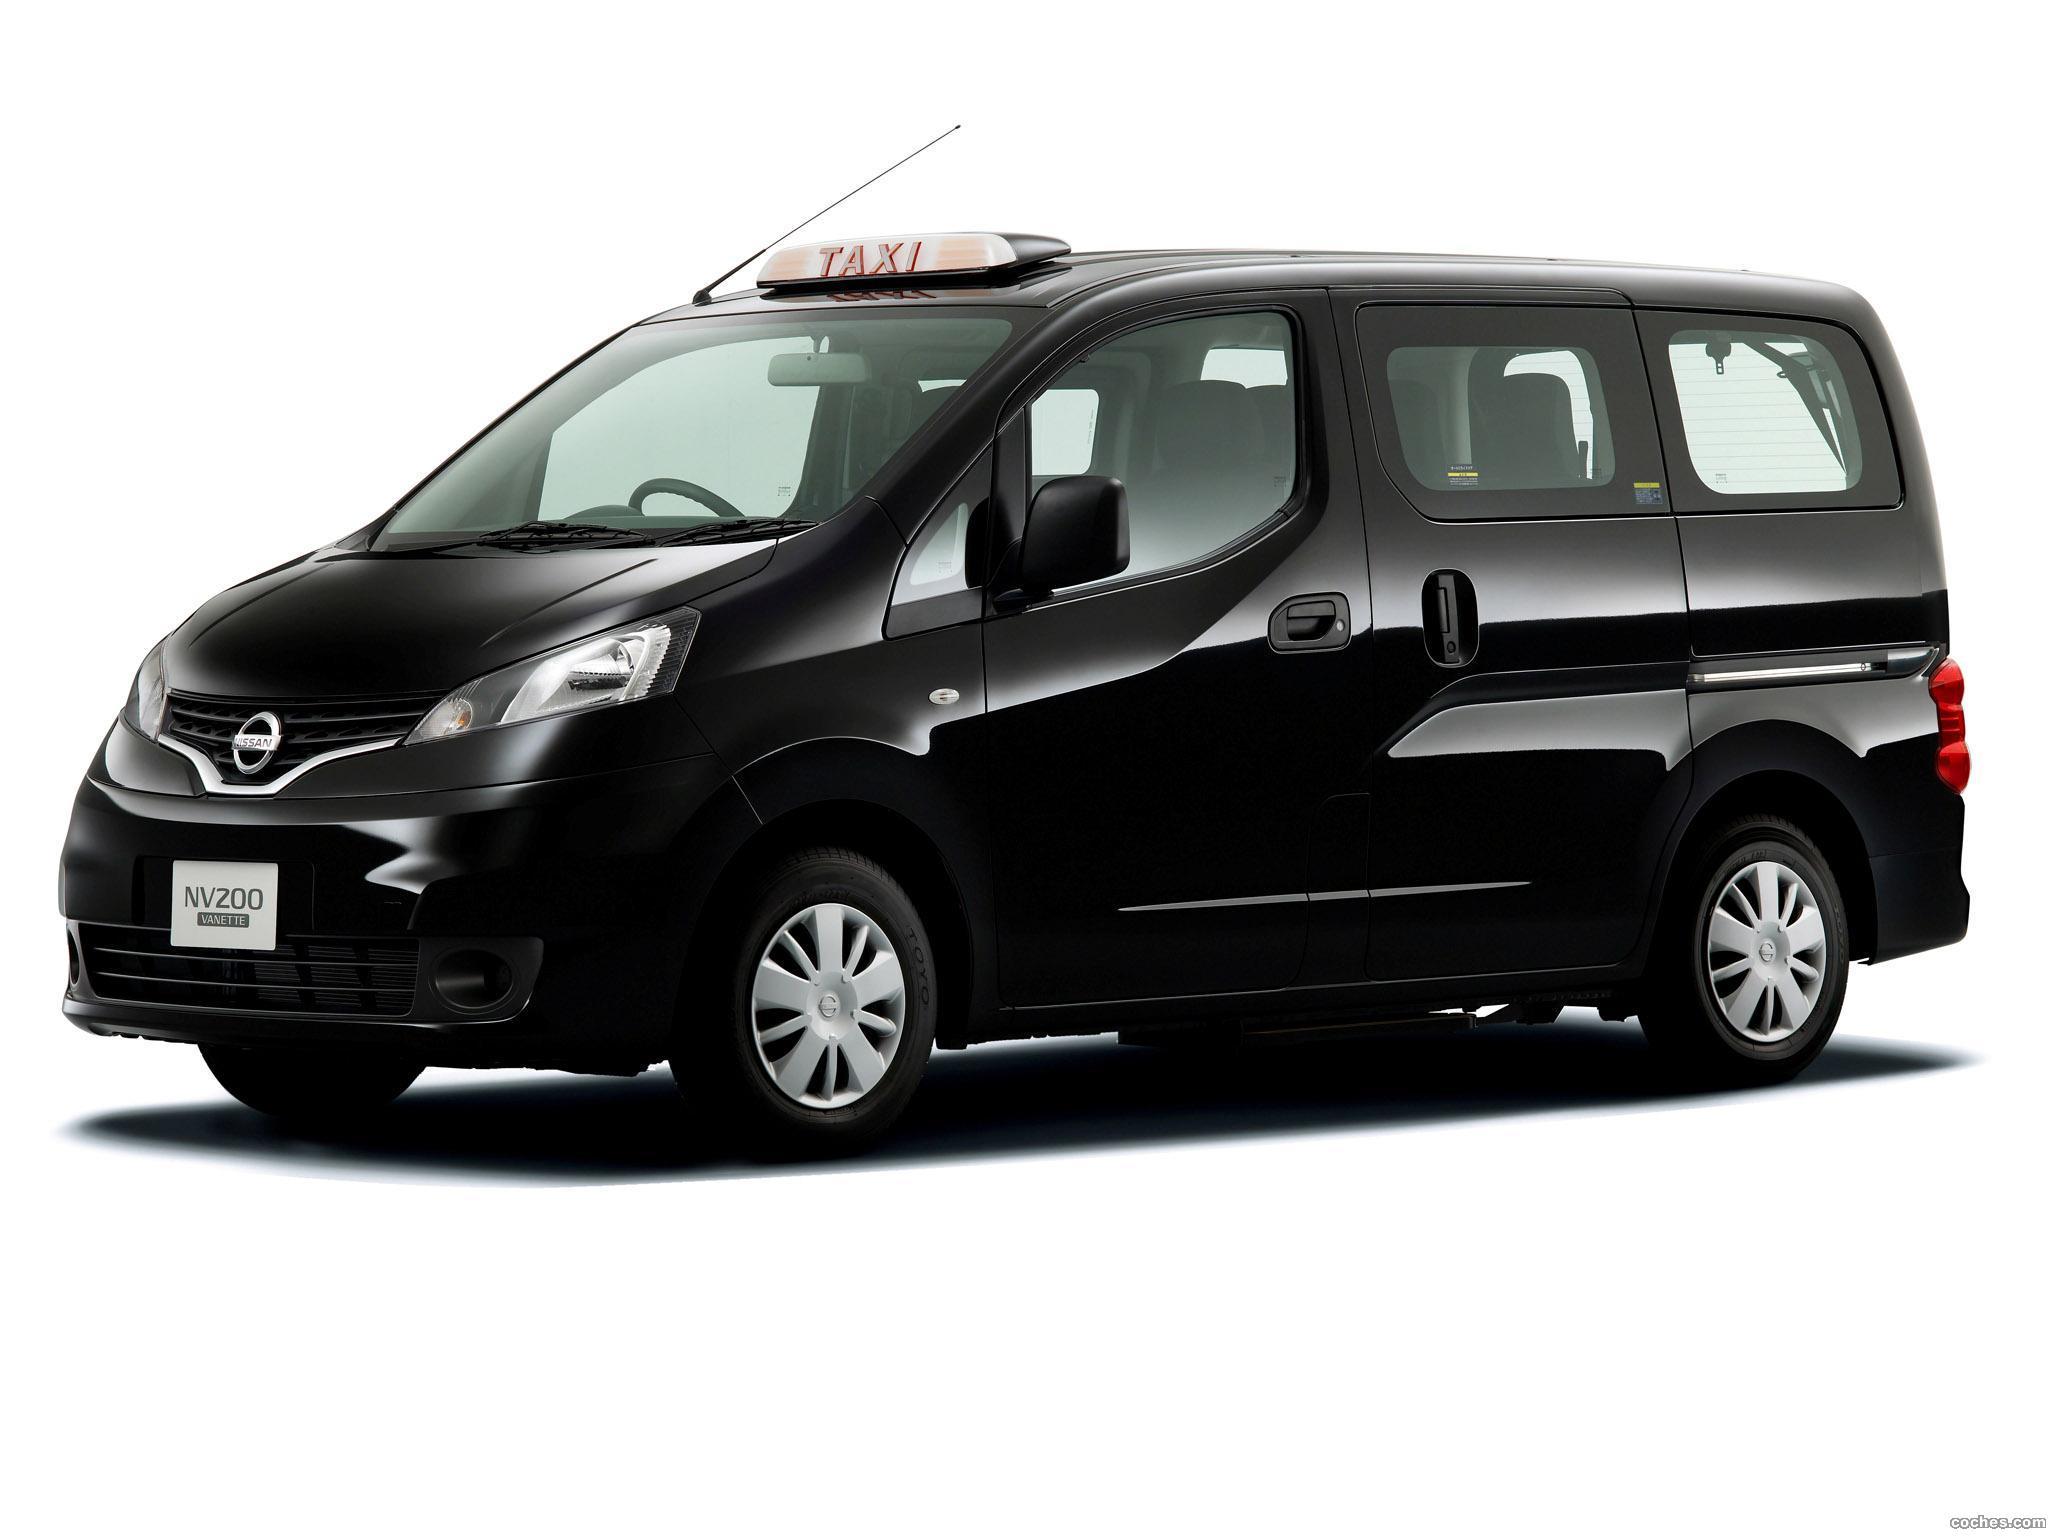 Foto 0 de Nissan NV200 Vanette Taxi 2009